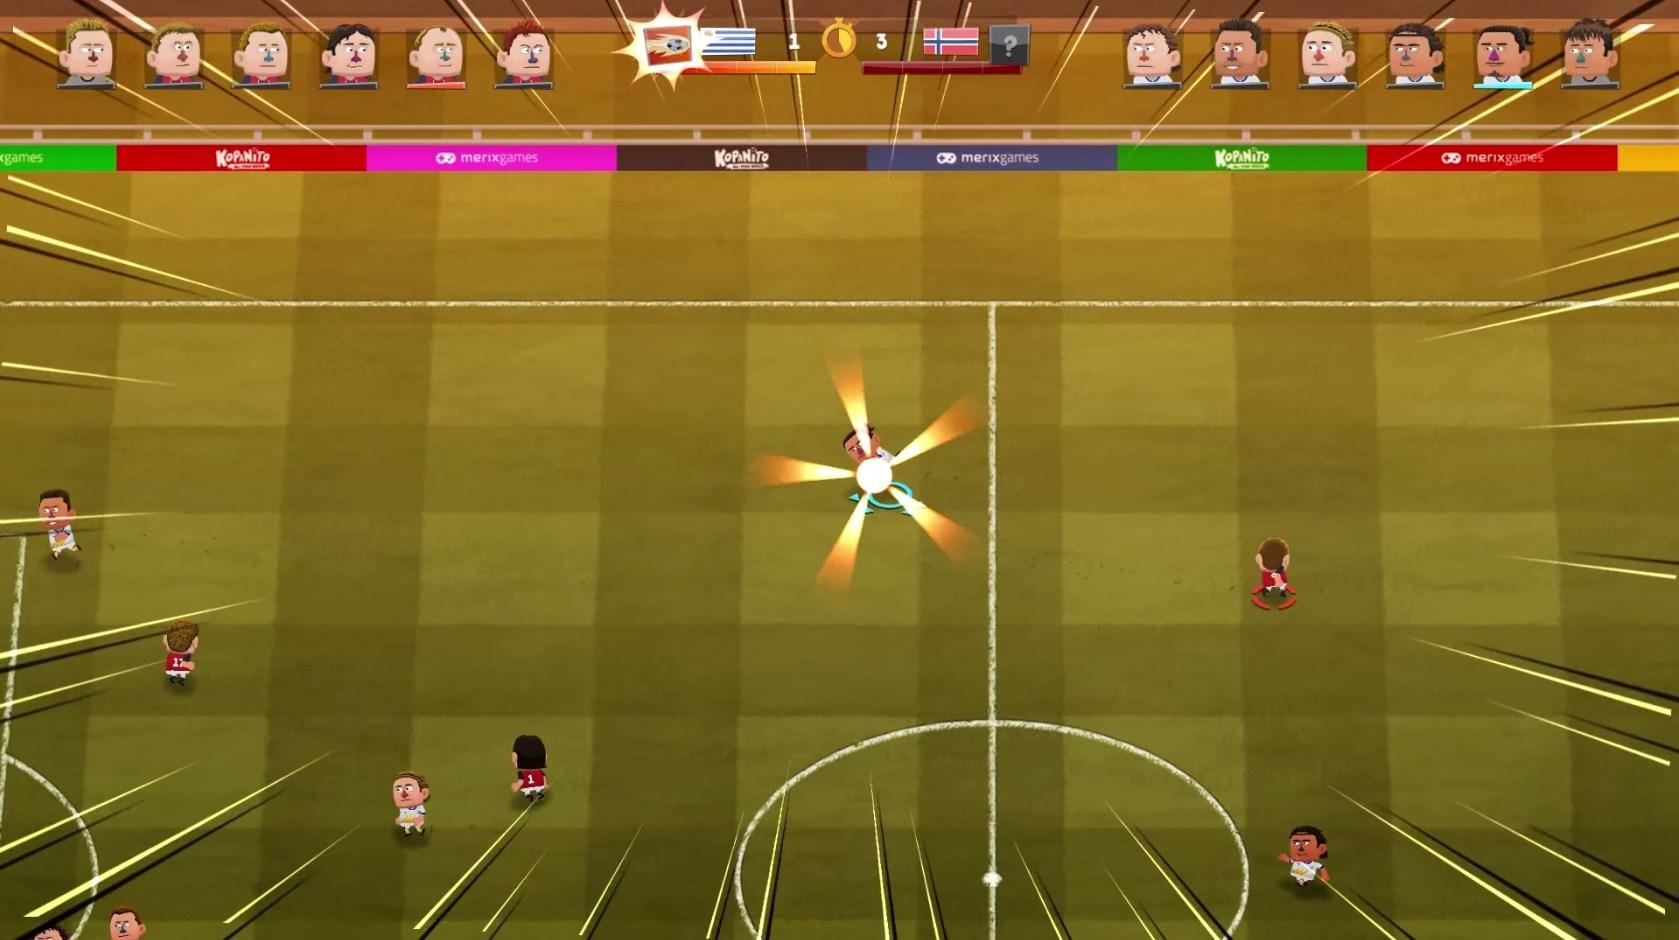 Kopanito All-Stars Soccer - Imagem 1 do software